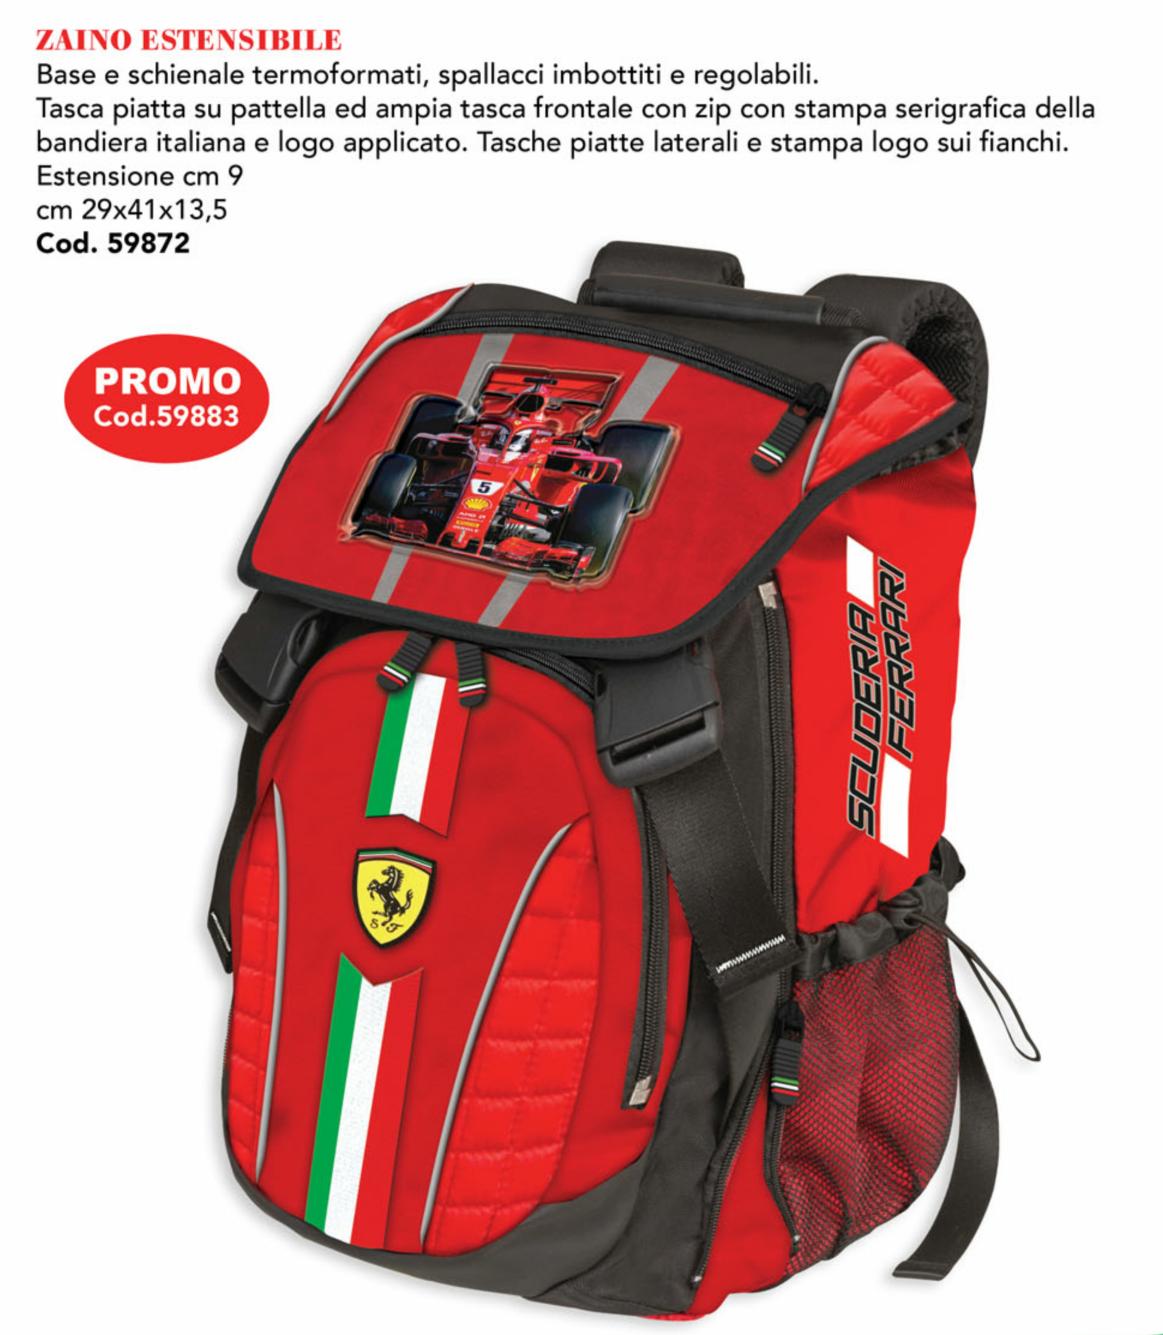 Comix Zaino Estensibile Ferrari